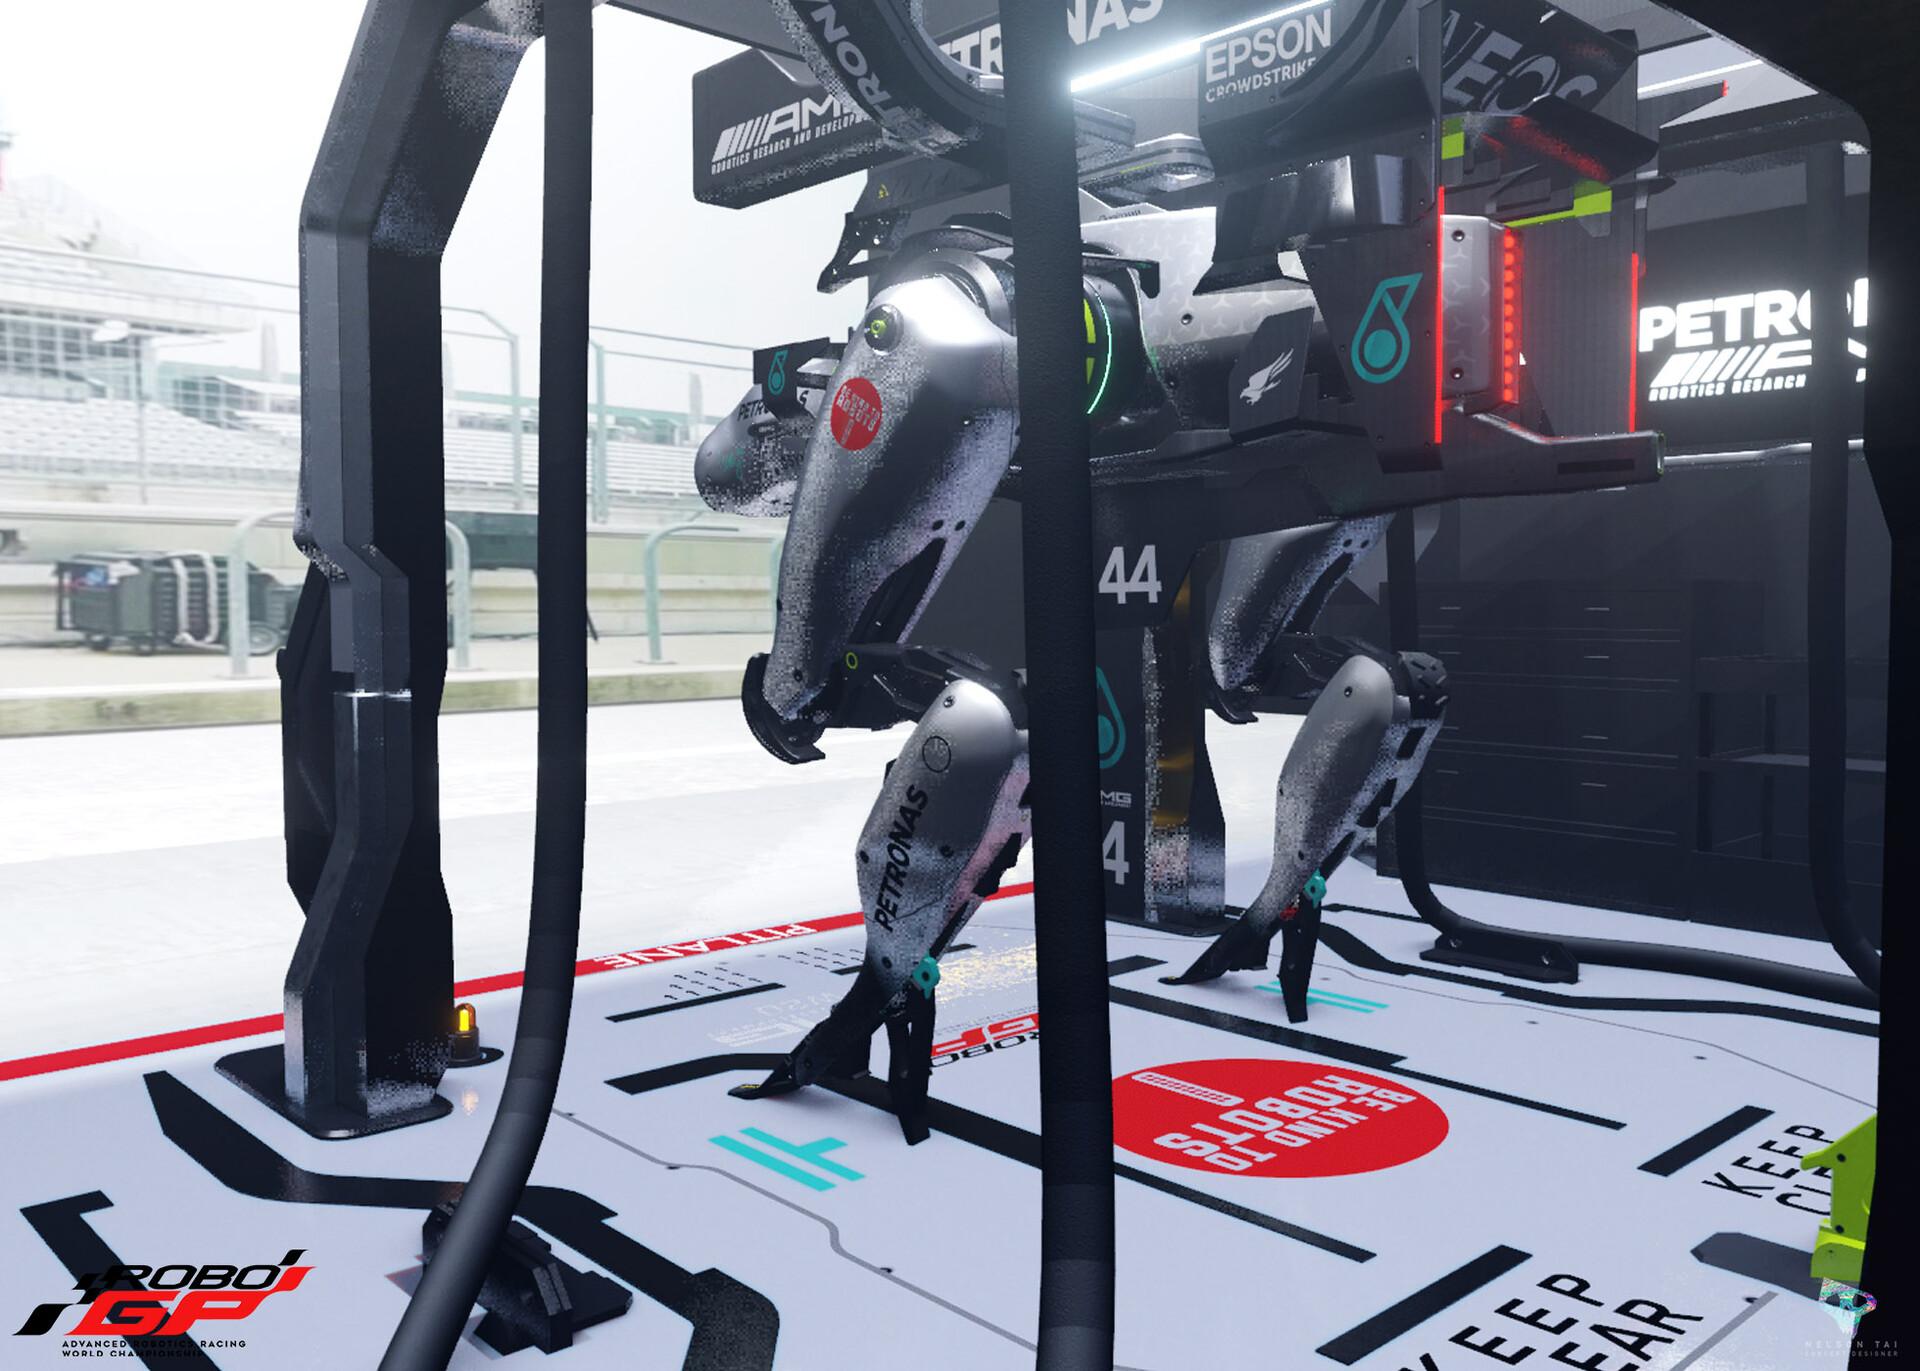 blender viewport - Sexy Butt